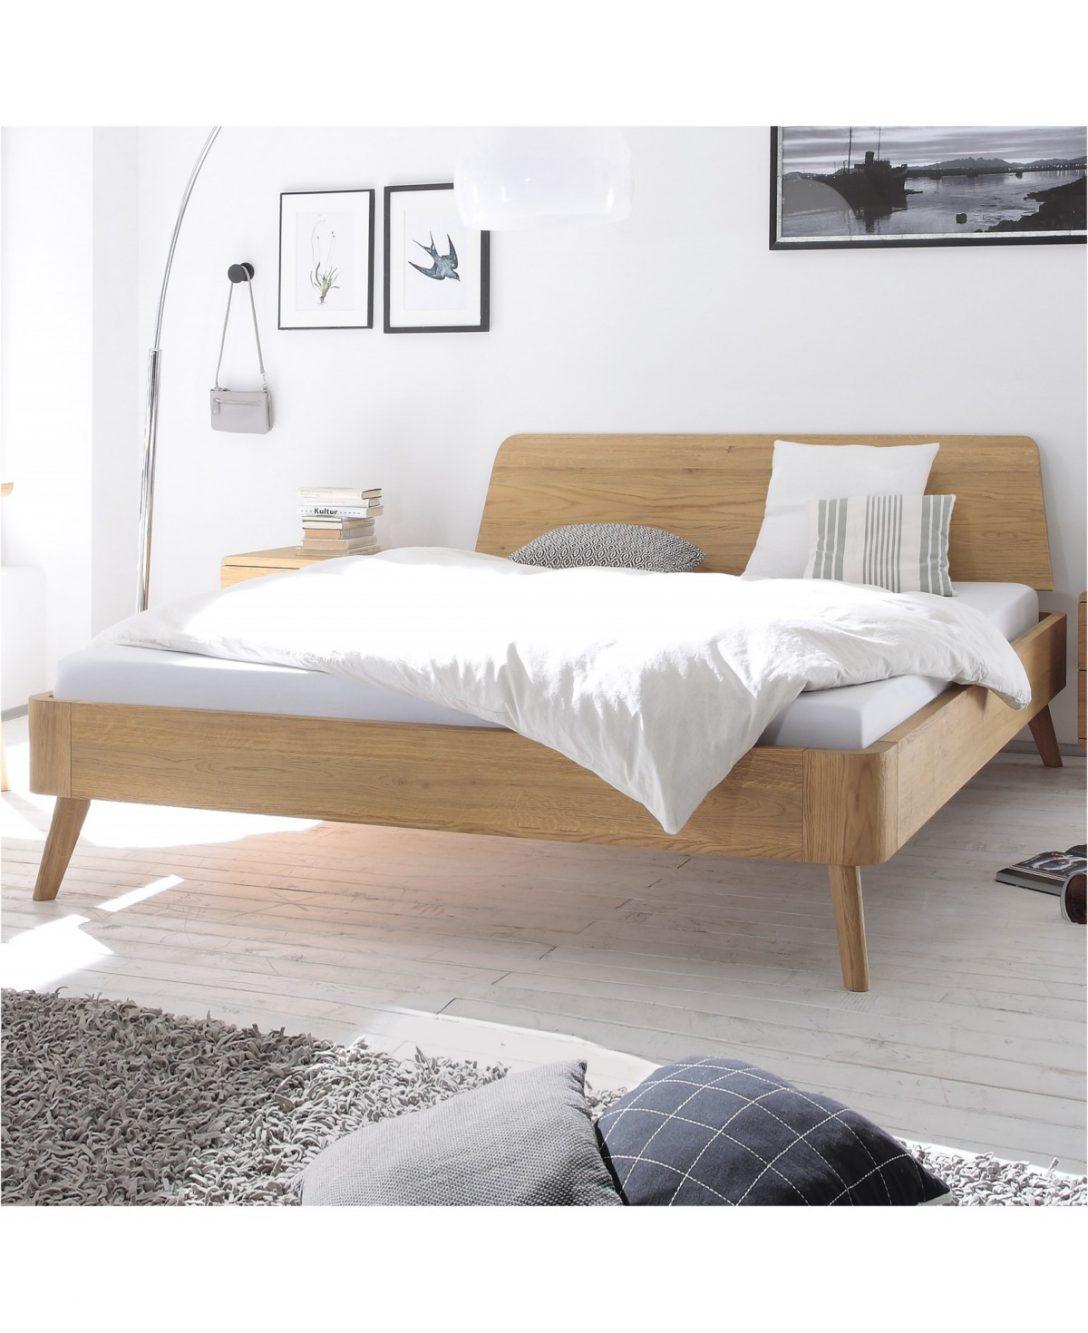 Large Size of Hasena Oak Bianco Eiche Bett Masito 25 Kopfteil Edda 120x200 Mit Unterbett Metall Weiß Wohnwert Betten Baza 160x200 Lattenrost Und Matratze Dormiente Bett Bett 120x200